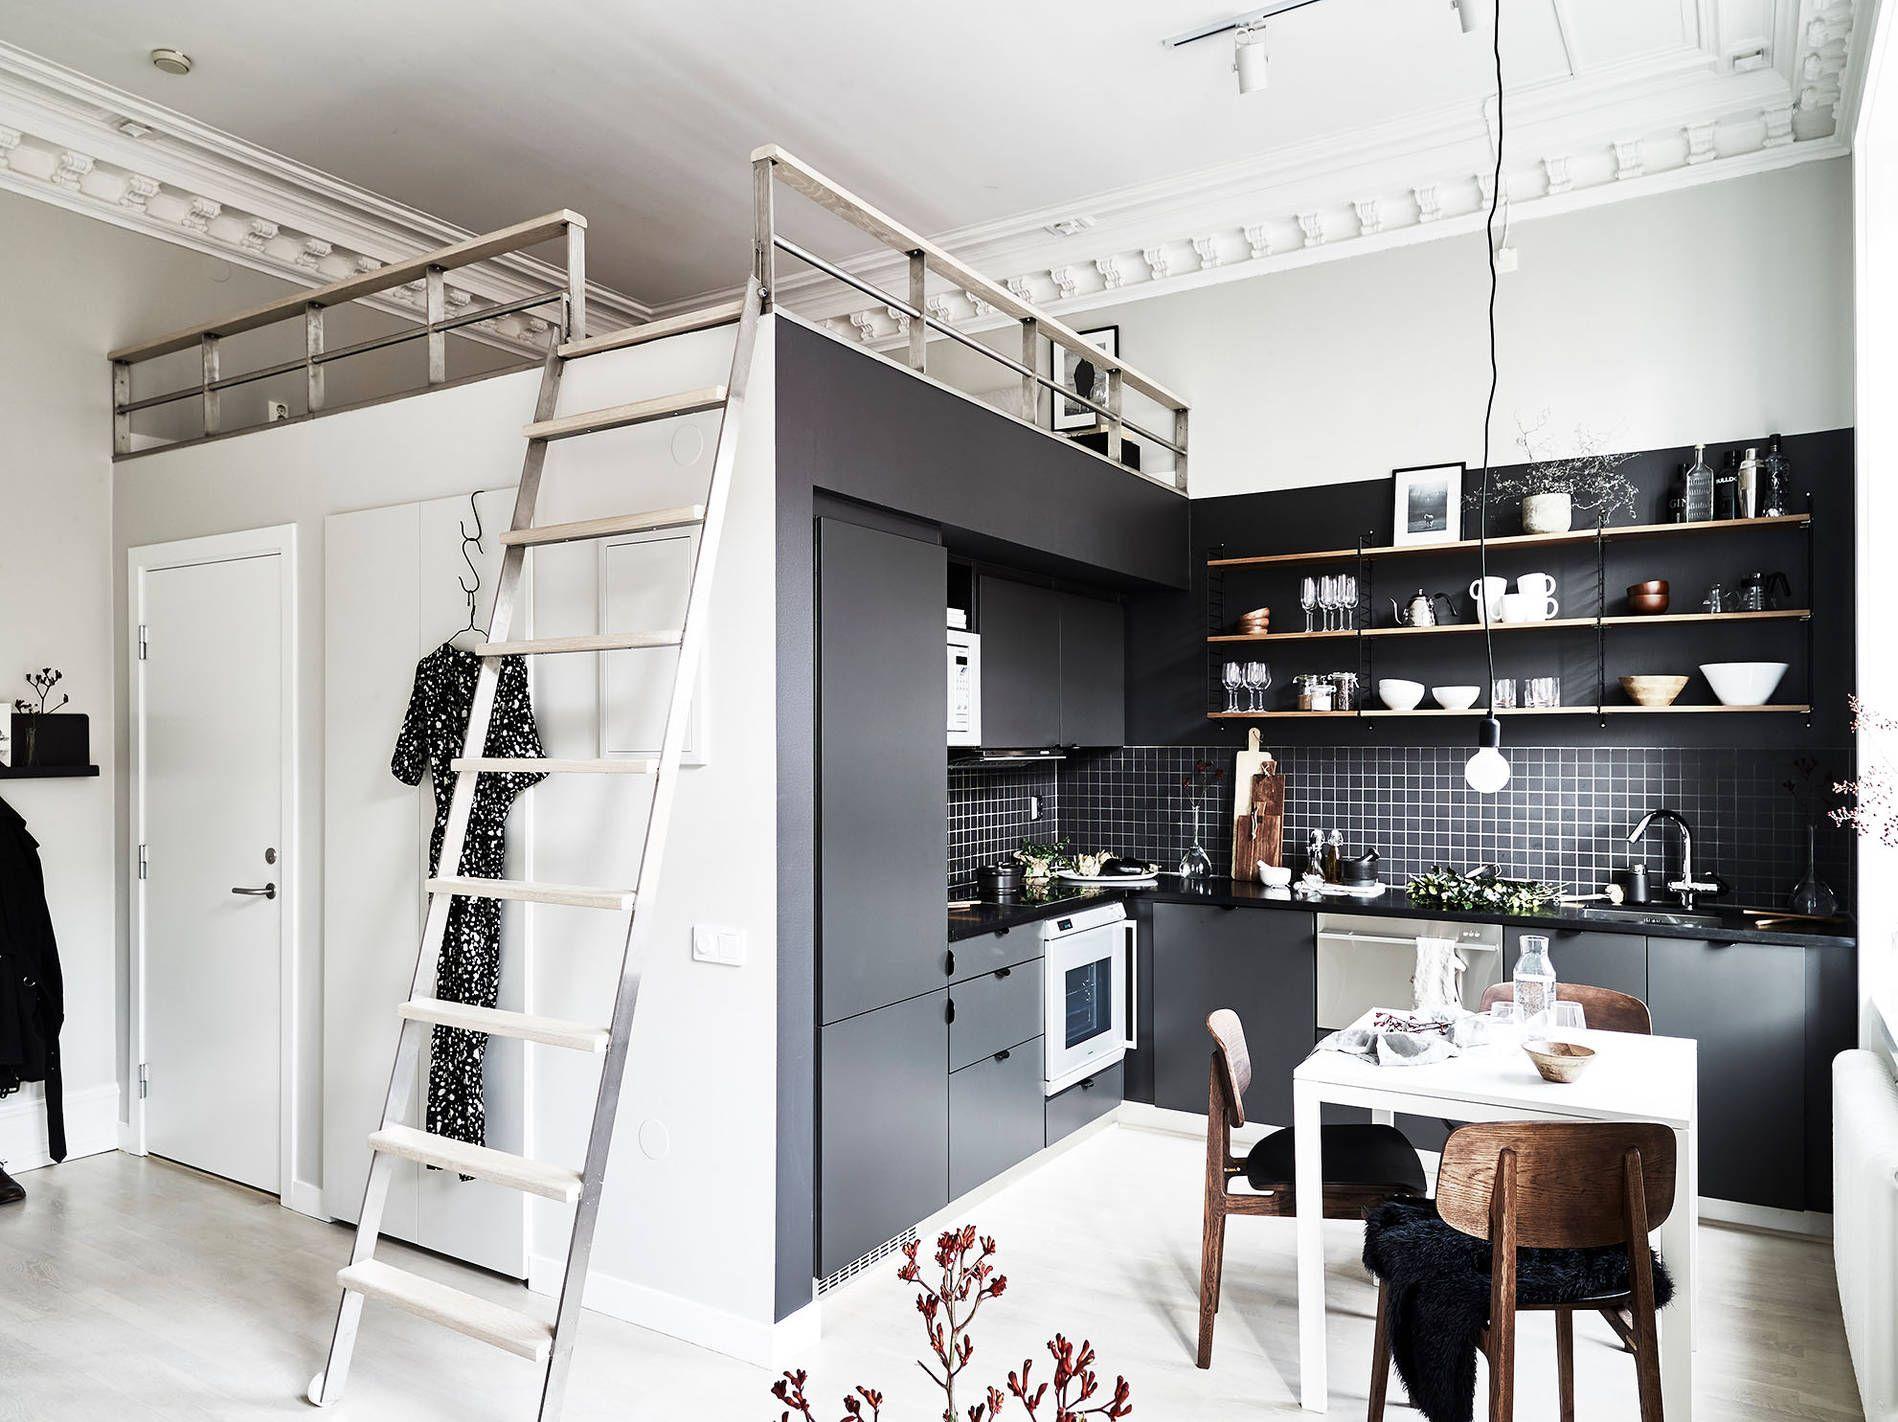 Kleine Wohnung Clever Einrichten. Mit Hochbett Platz Sparen. Platzsparend  Und Praktisch Durchdacht Einrichten   Lautet Die Devise Einer 1 Zimmer  Wohnung.